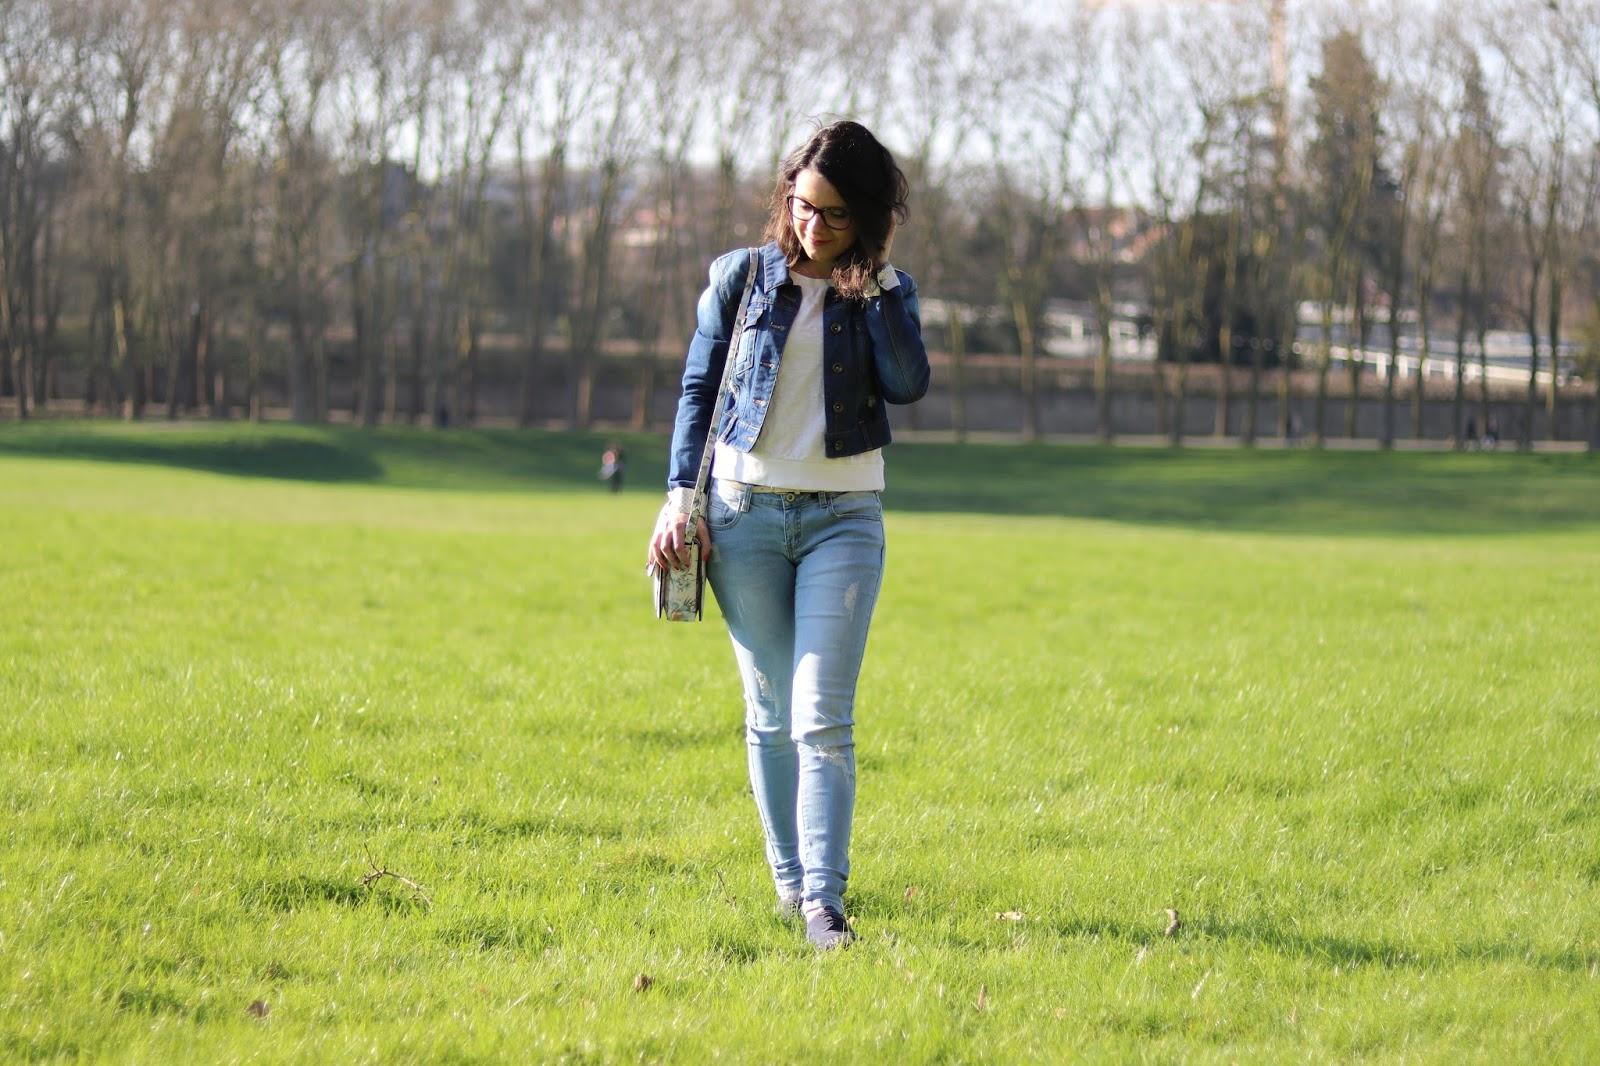 look mode femme ootd outfit of the day fleurs veste en jean shein avis babou derbies paillettes accessorize